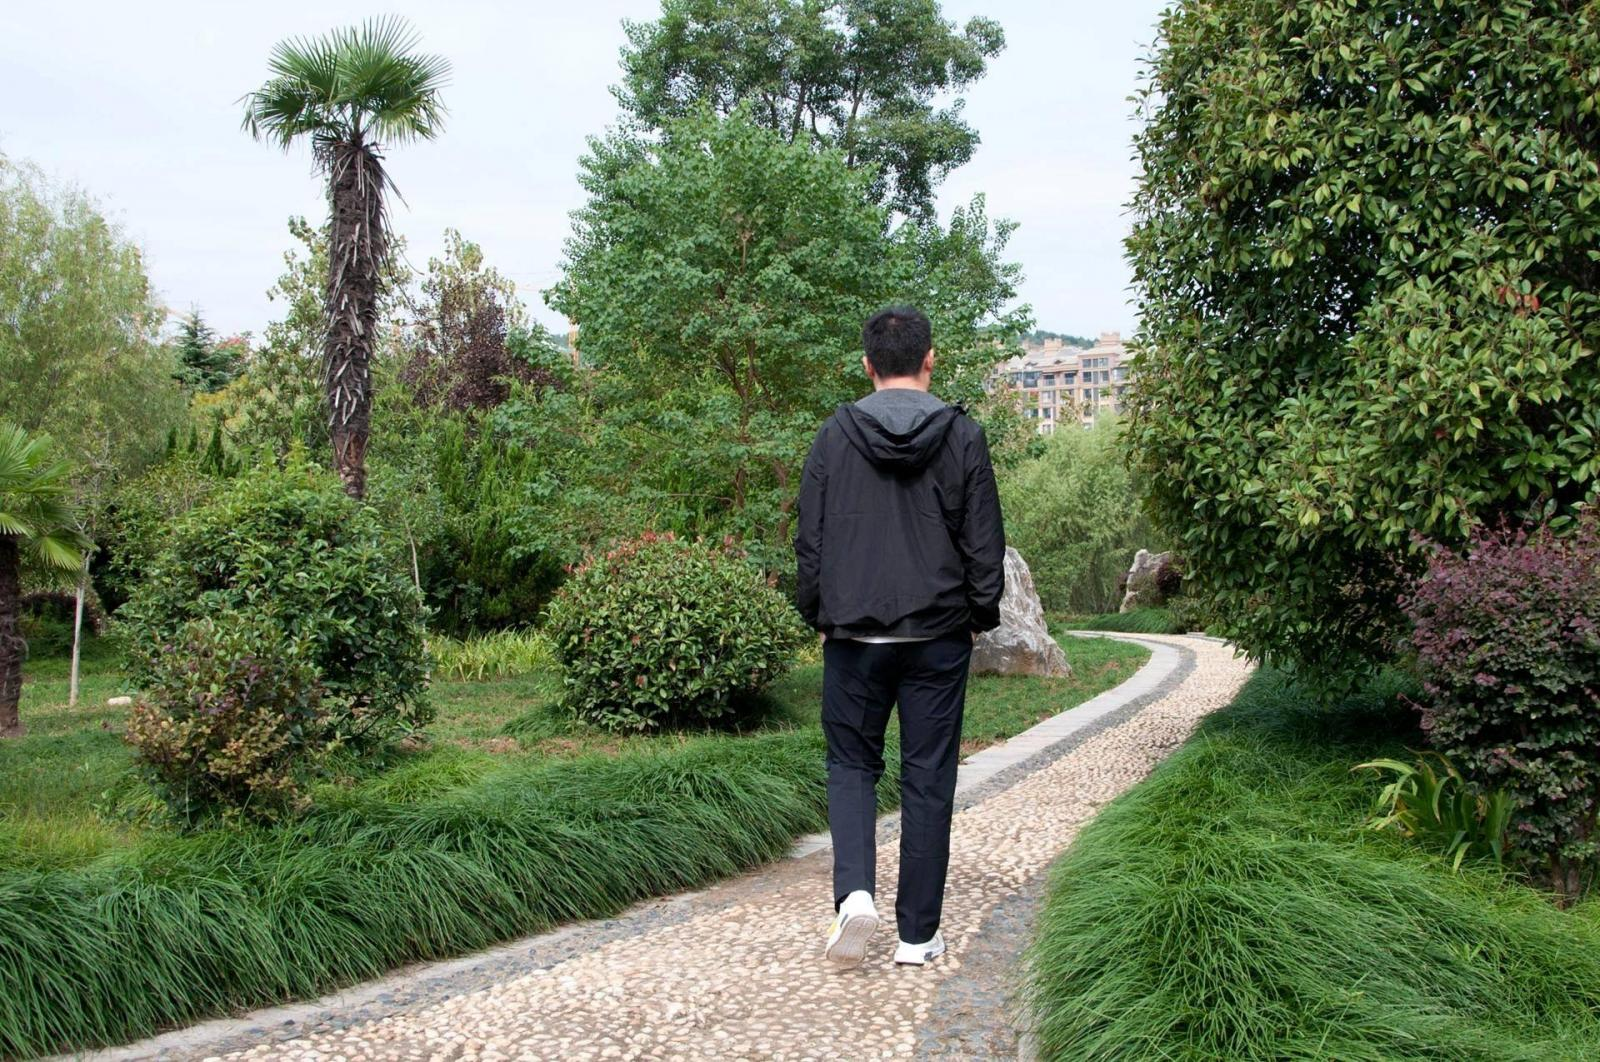 一件夹克穿出运动/休闲两种风格,90分这款新品双面可穿防泼水